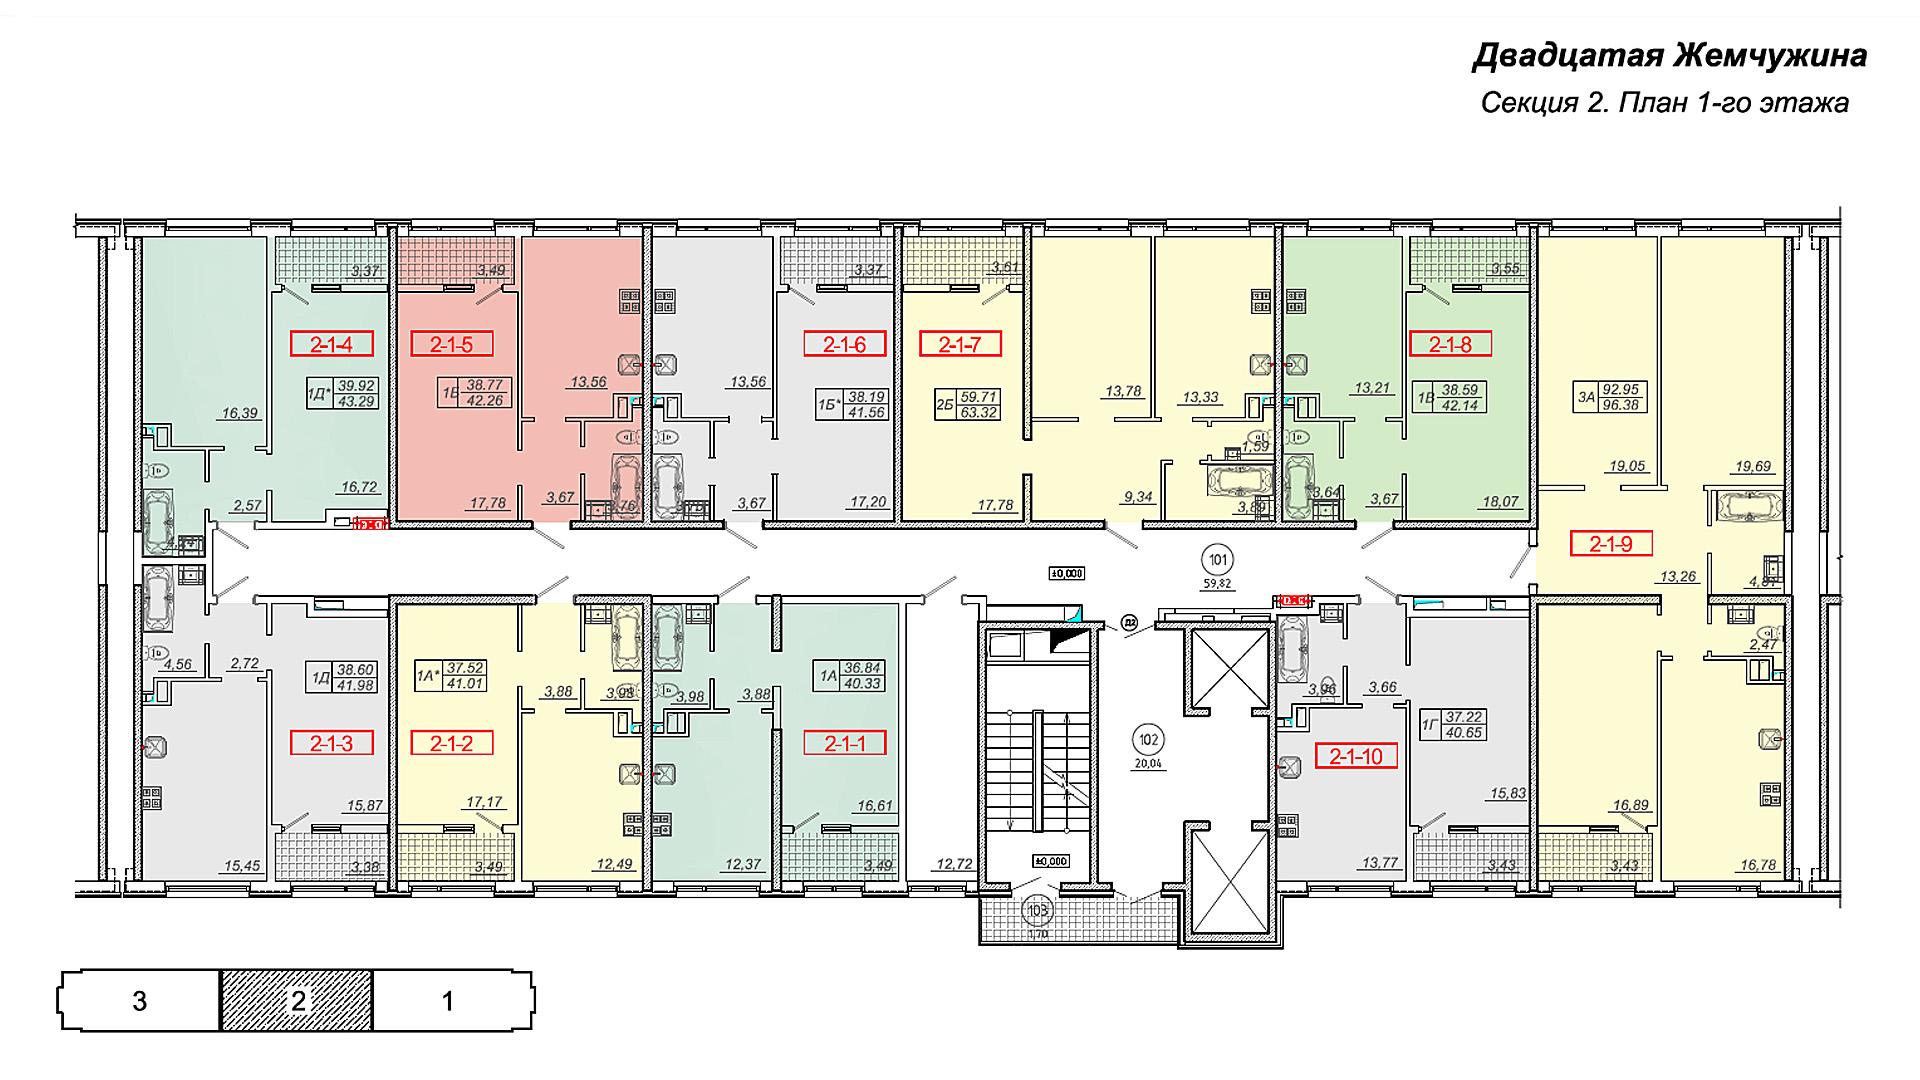 Кадорр, 20 Жемчужина, Планировка секция 2, этаж 1